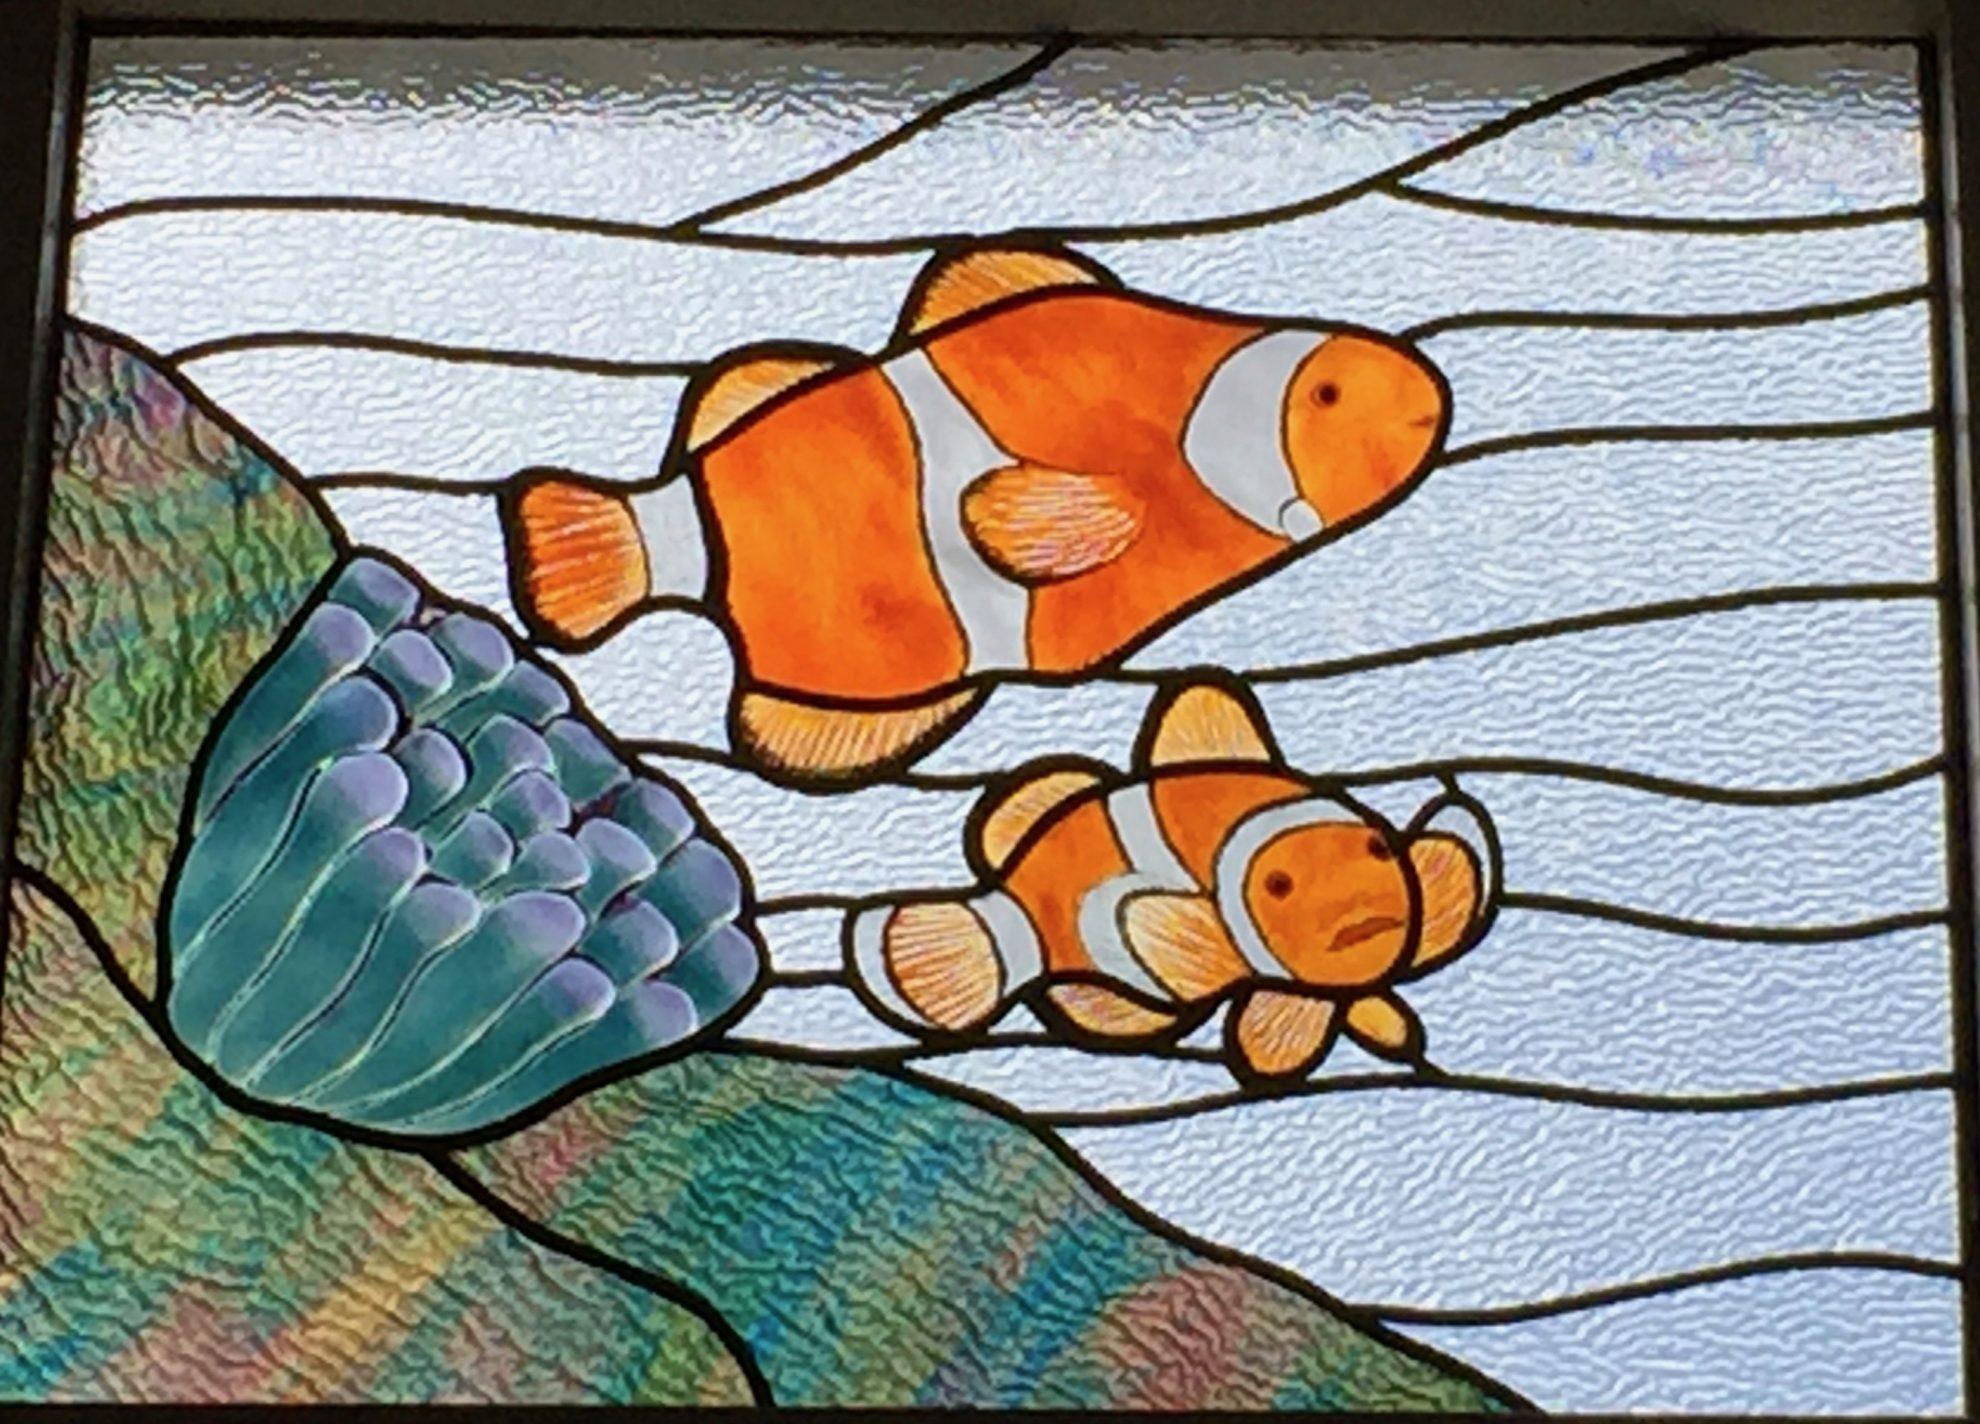 13.clownfish